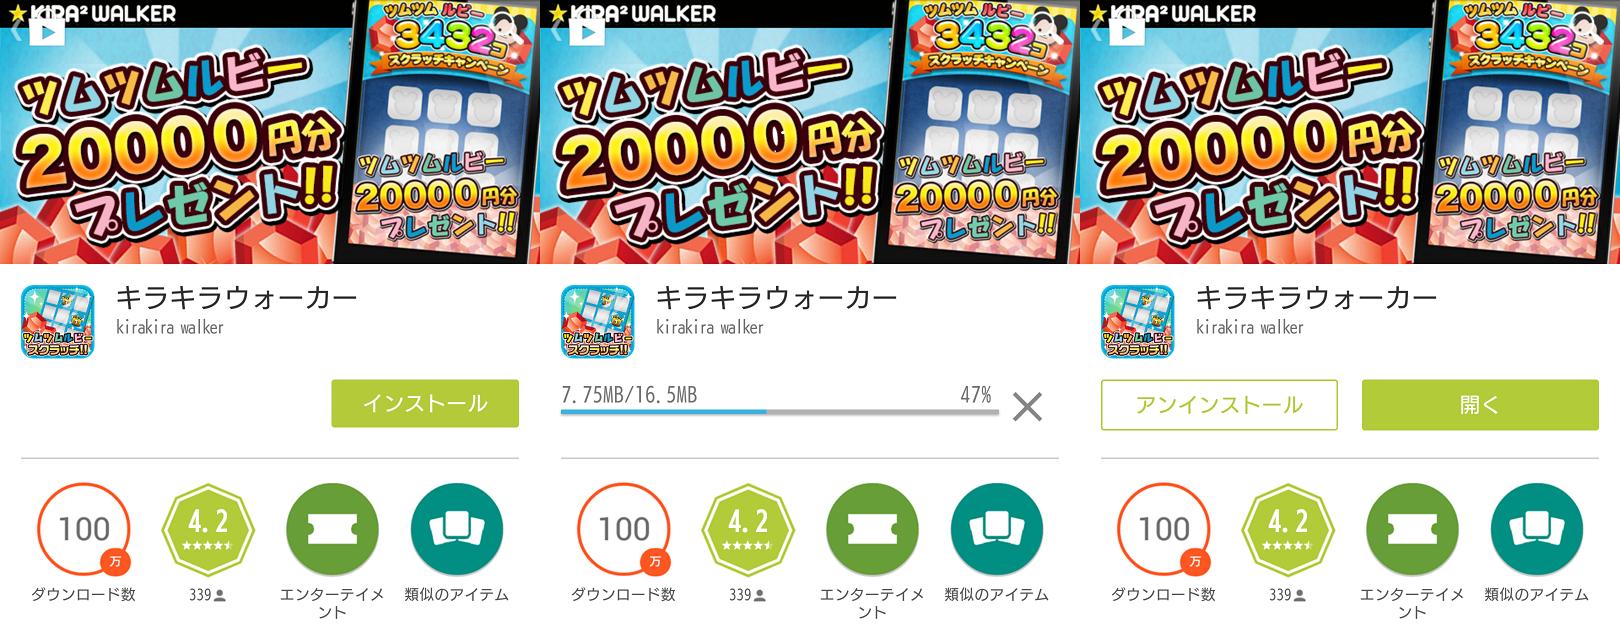 キラキラウォーカー/ツムツム/アプリ風サイト